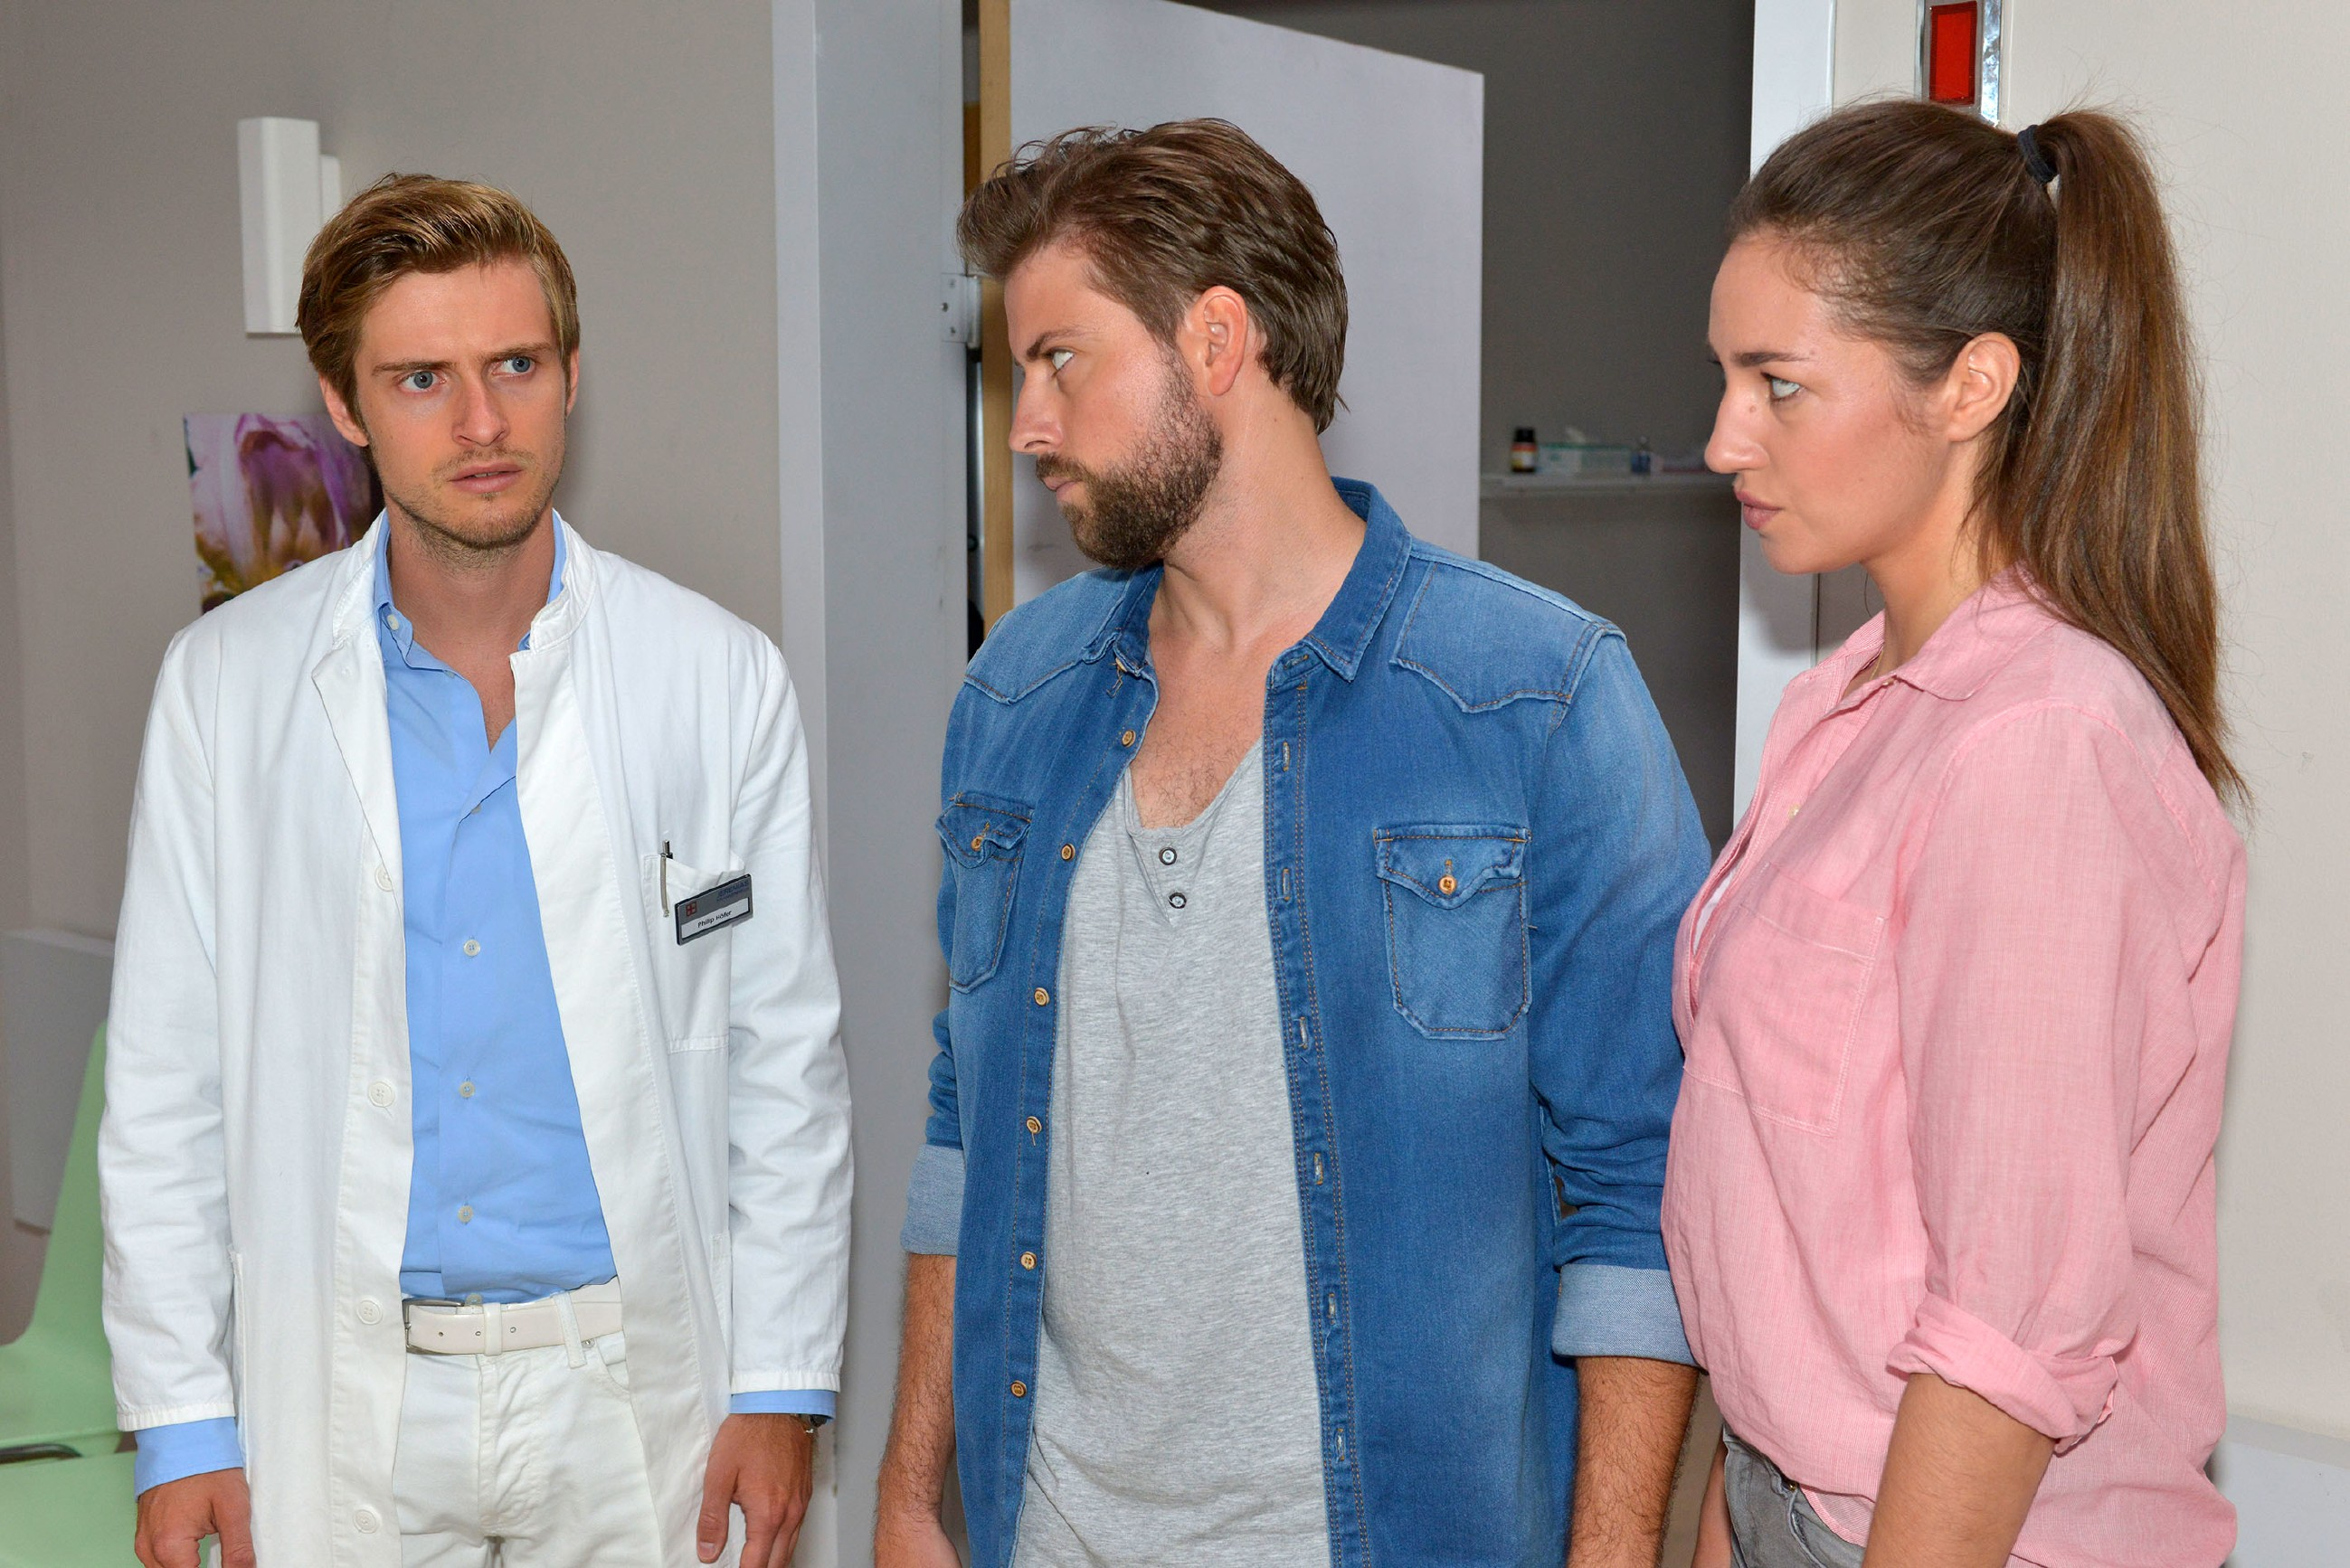 Philip (Jörn Schlönvoigt, l.) erfährt geschockt, dass es sich bei Elenas (Elena Garcia Gerlach) neuem Freund ausgerechnet um John (Felix von Jascheroff) handelt... (Quelle: © RTL / Rolf Baumgartner)